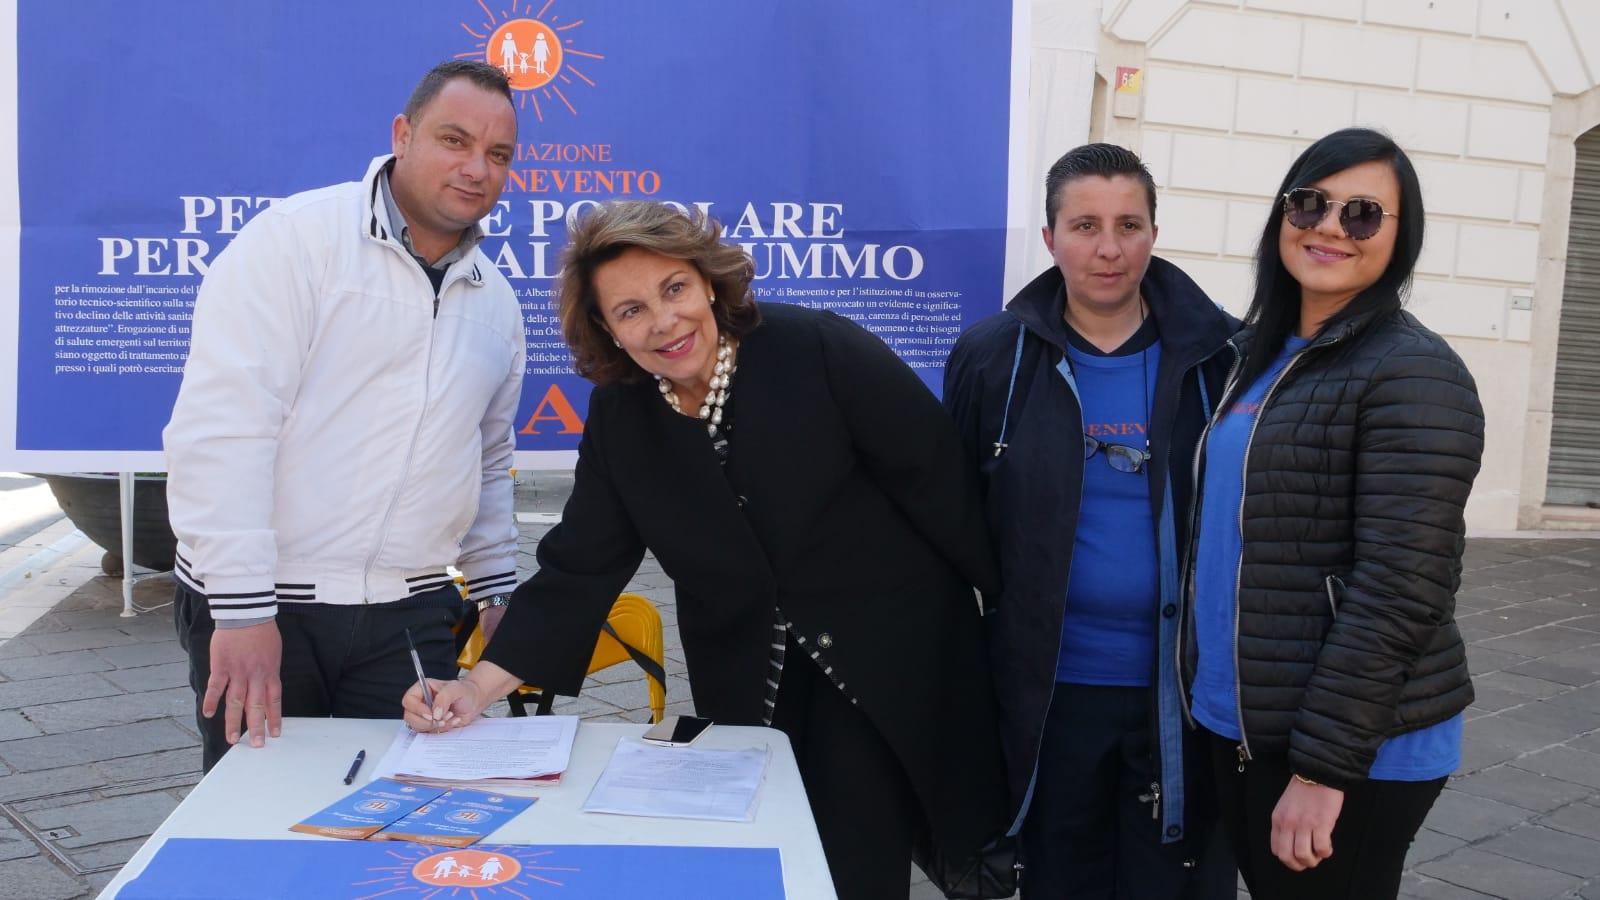 """'Via i vertici del Rummo', firma la Lonardo: """"Ospedale da quarto mondo, De Luca si informi invece di predicare"""""""